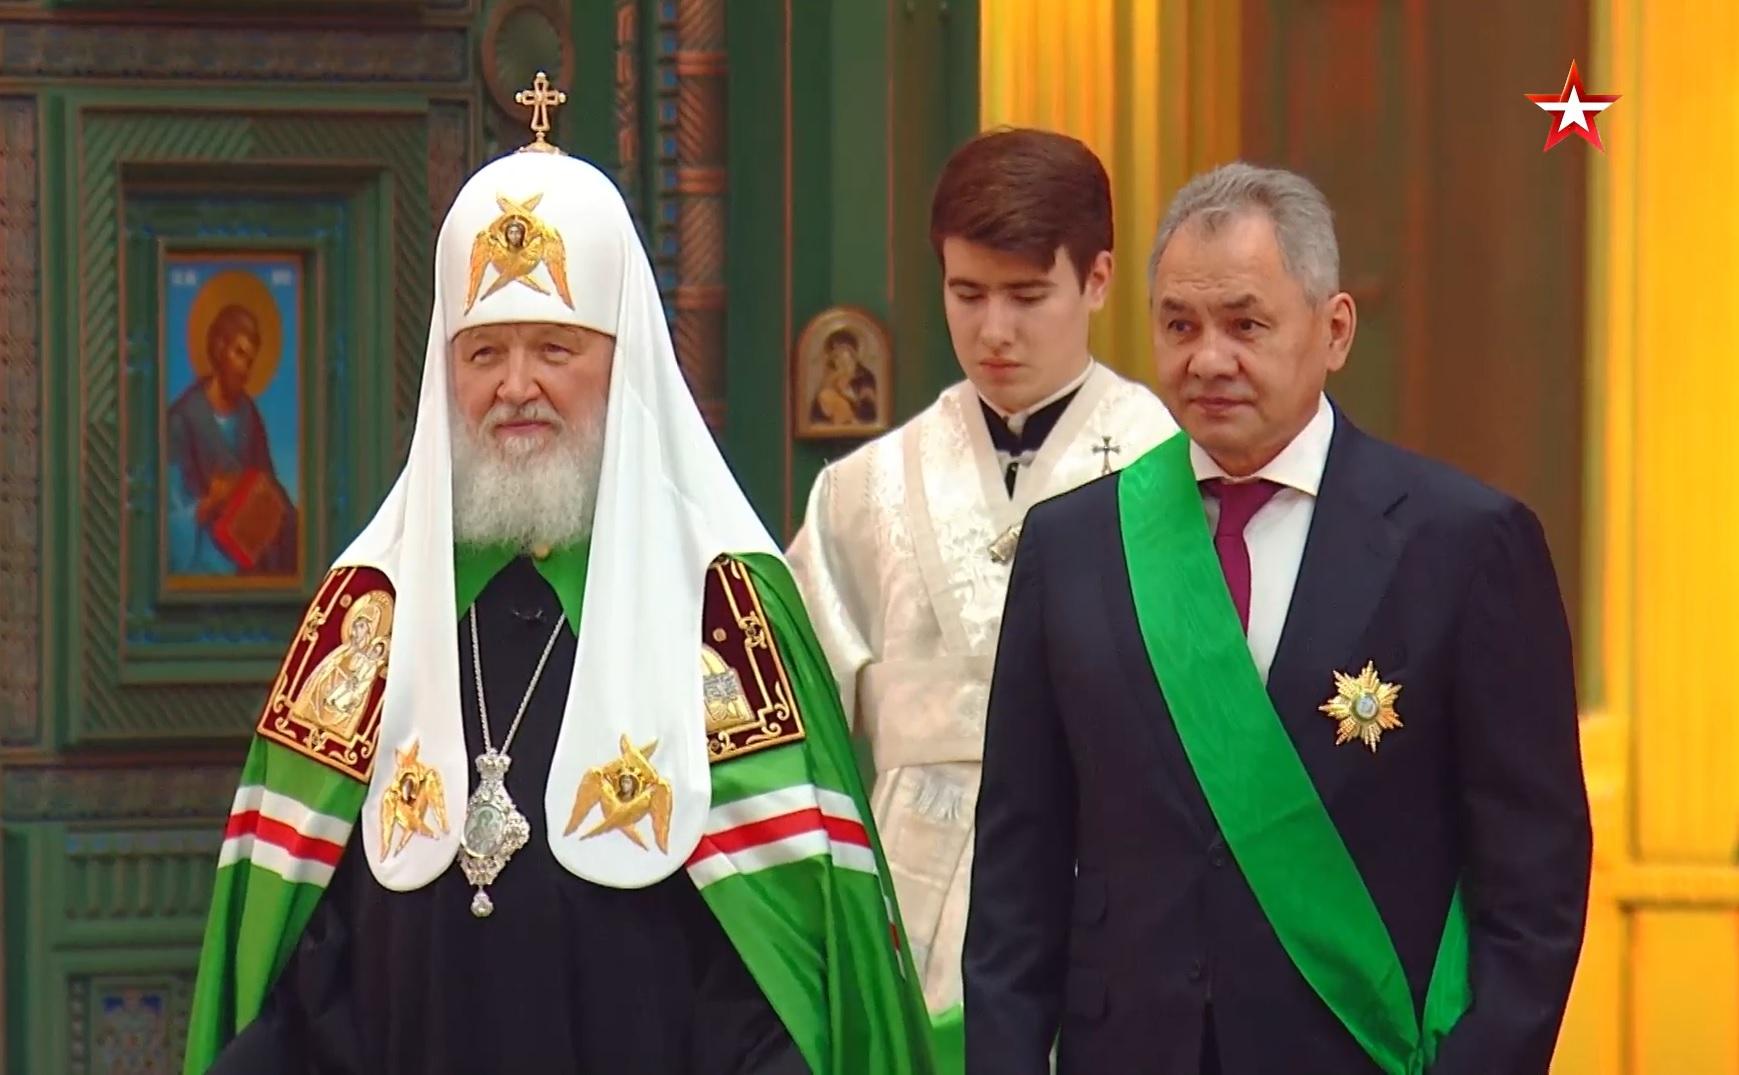 Патриарх Кирилл наградил Сергея Шойгу в годовщину Главного храма